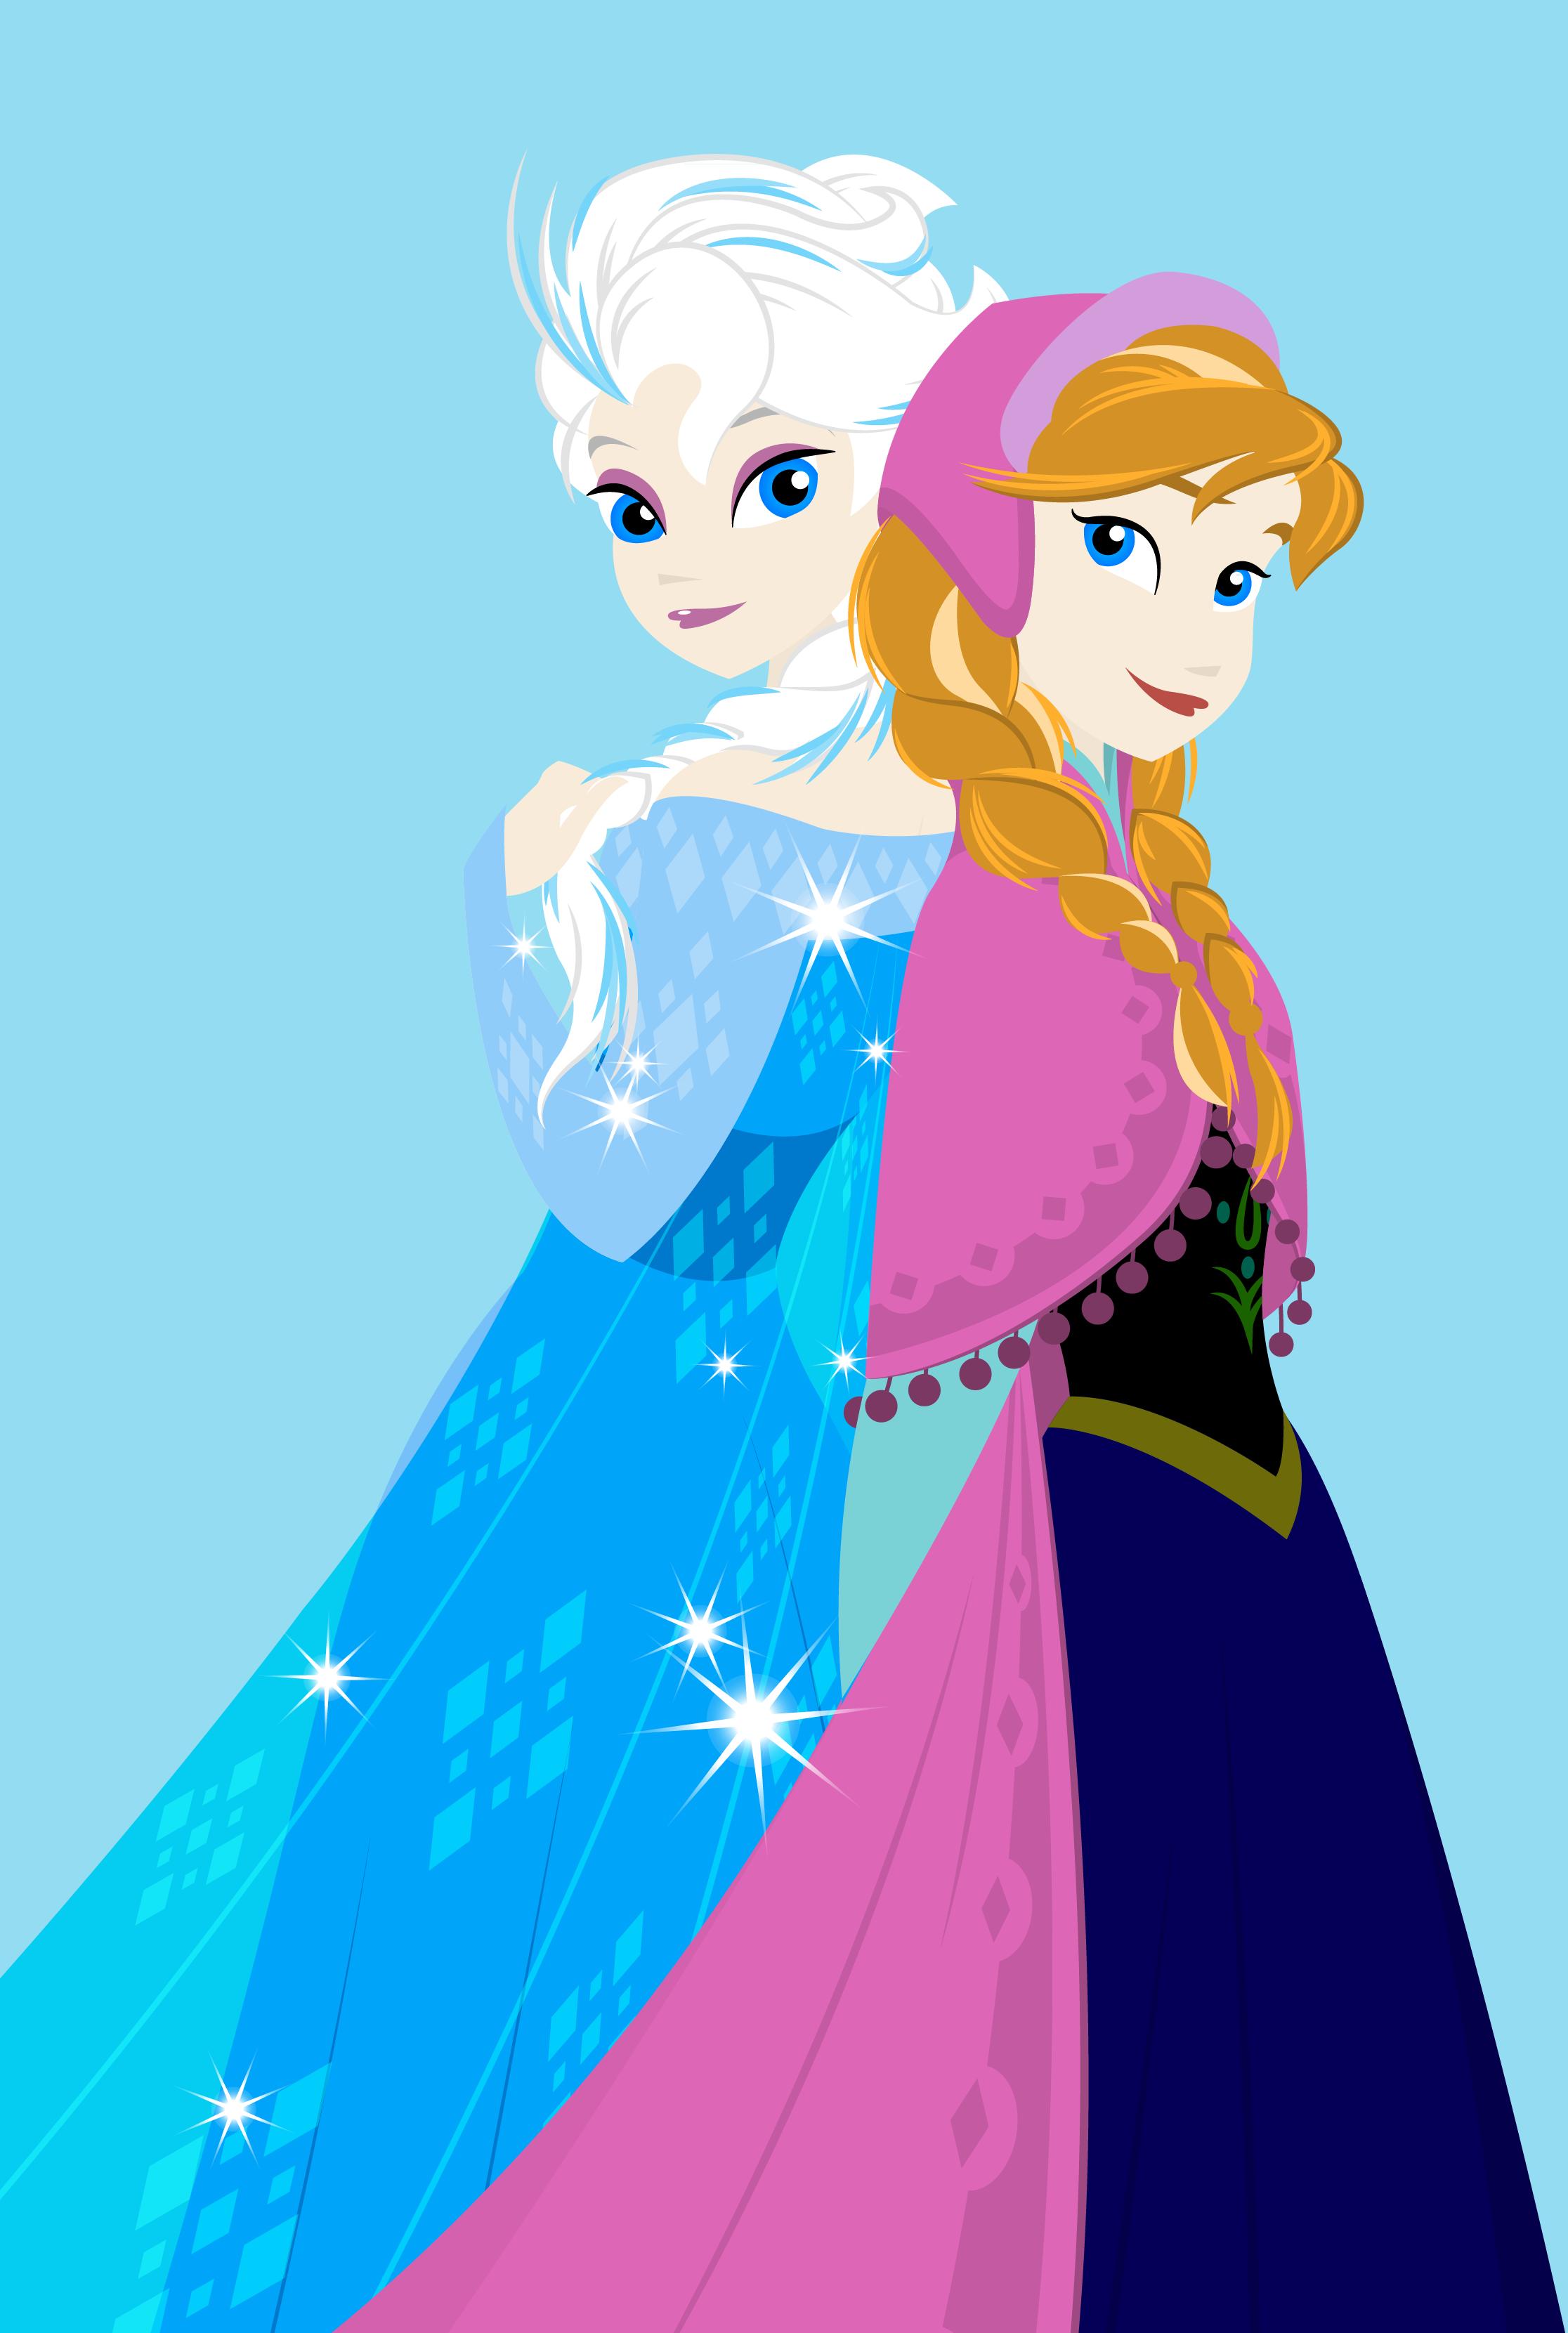 Frozen elsa and anna going wild watch all scenes storingocom 7